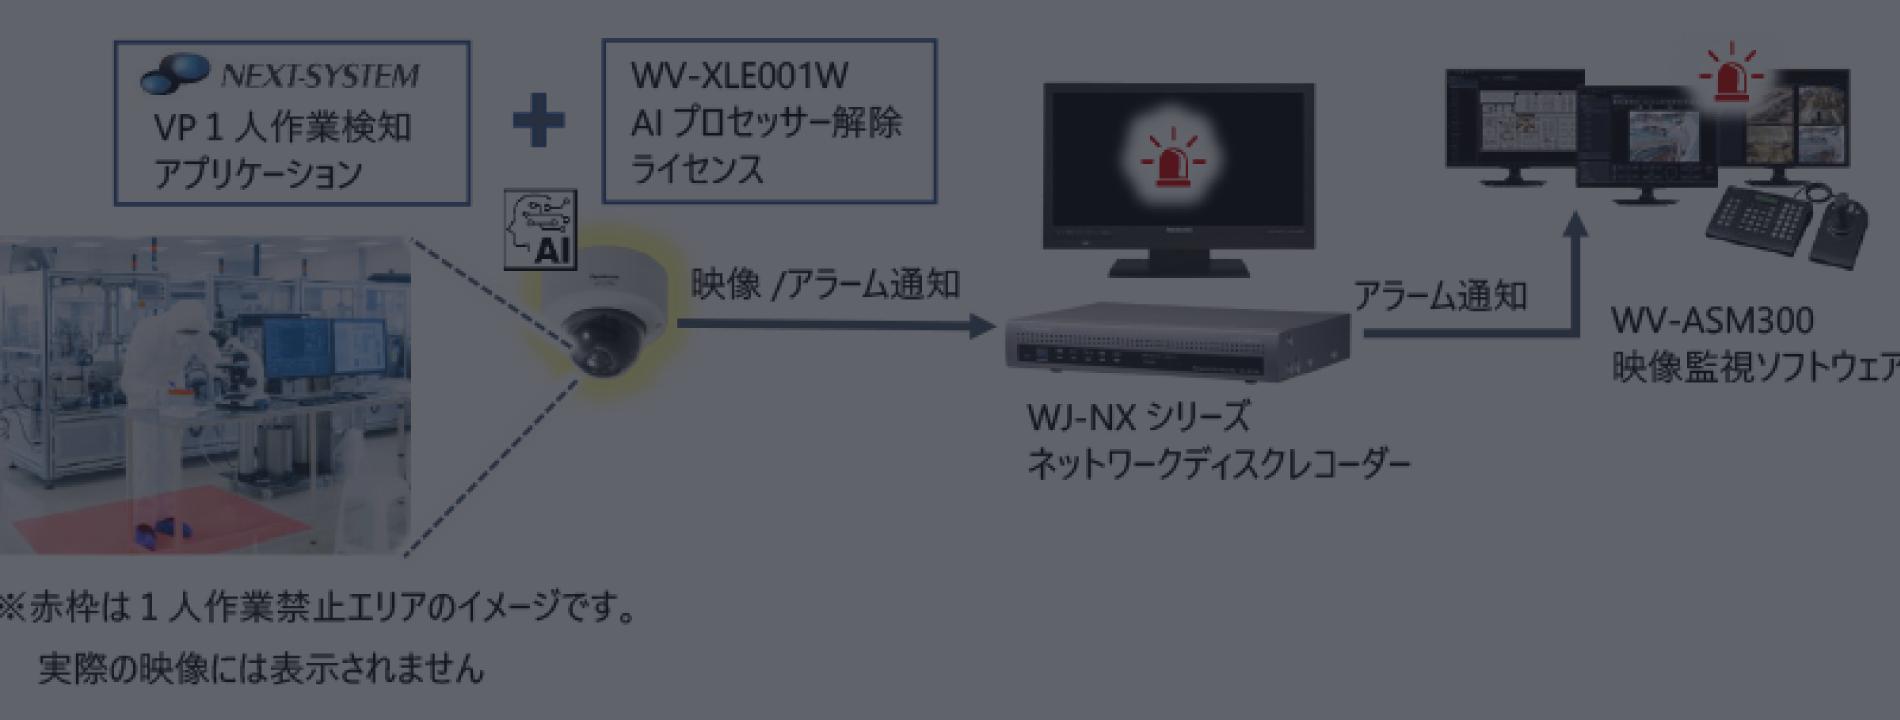 2104_PressRelease_NextSystem(0419-1100)_img_1900x720_v2